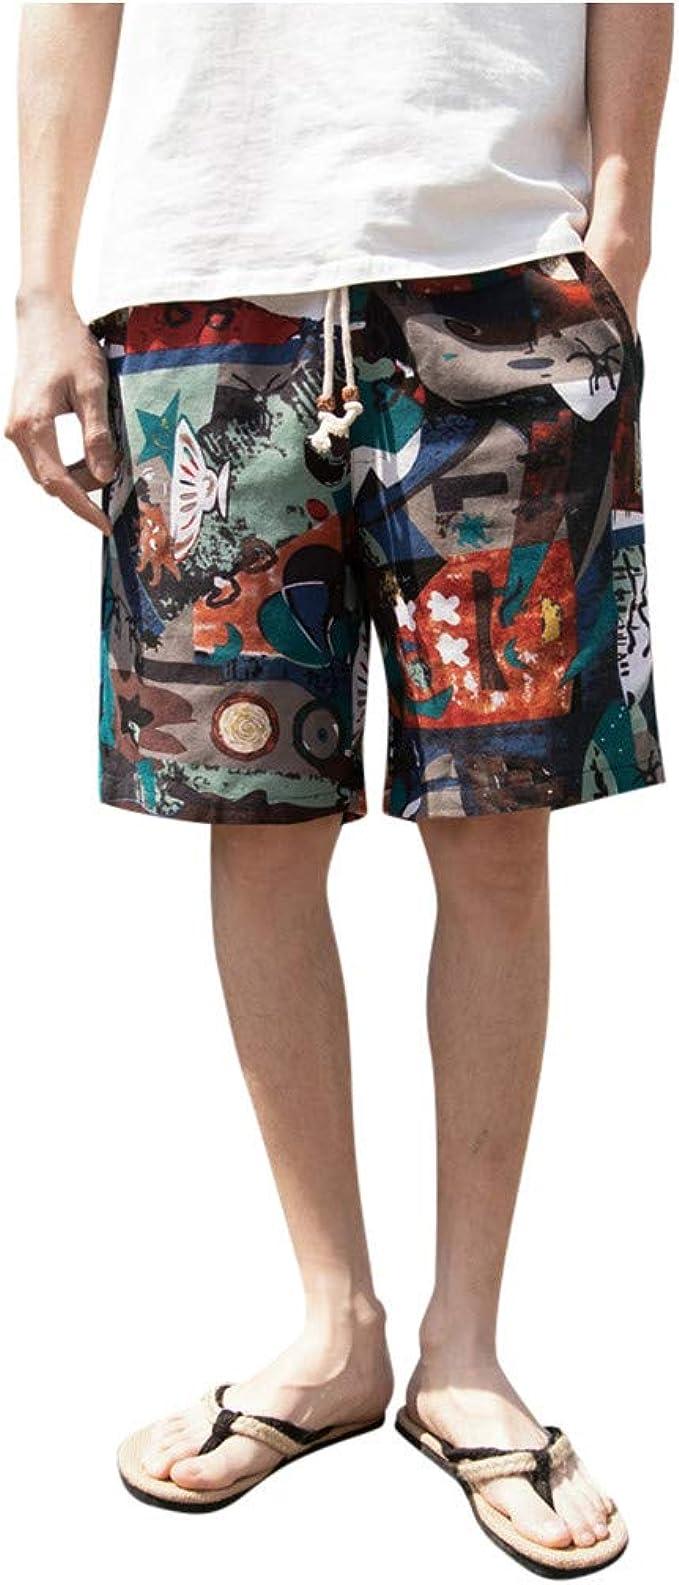 Pantalones Cortos Hombre Pantalones Cortos Holgados De Pijama De Pierna Ancha De AlgodóN De Lino De AlgodóN De HaréN De Hombres: Amazon.es: Ropa y accesorios